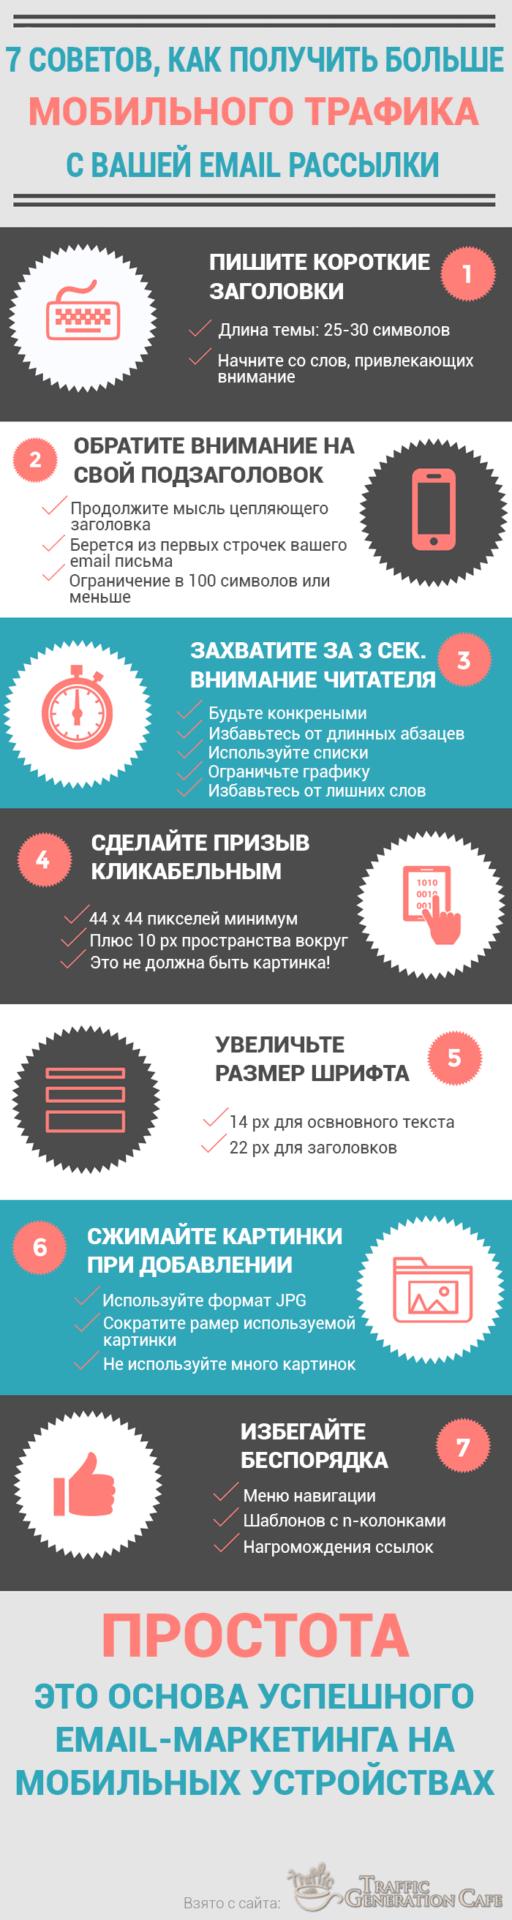 adaptivnie-pisma-dlya-mobilnogo